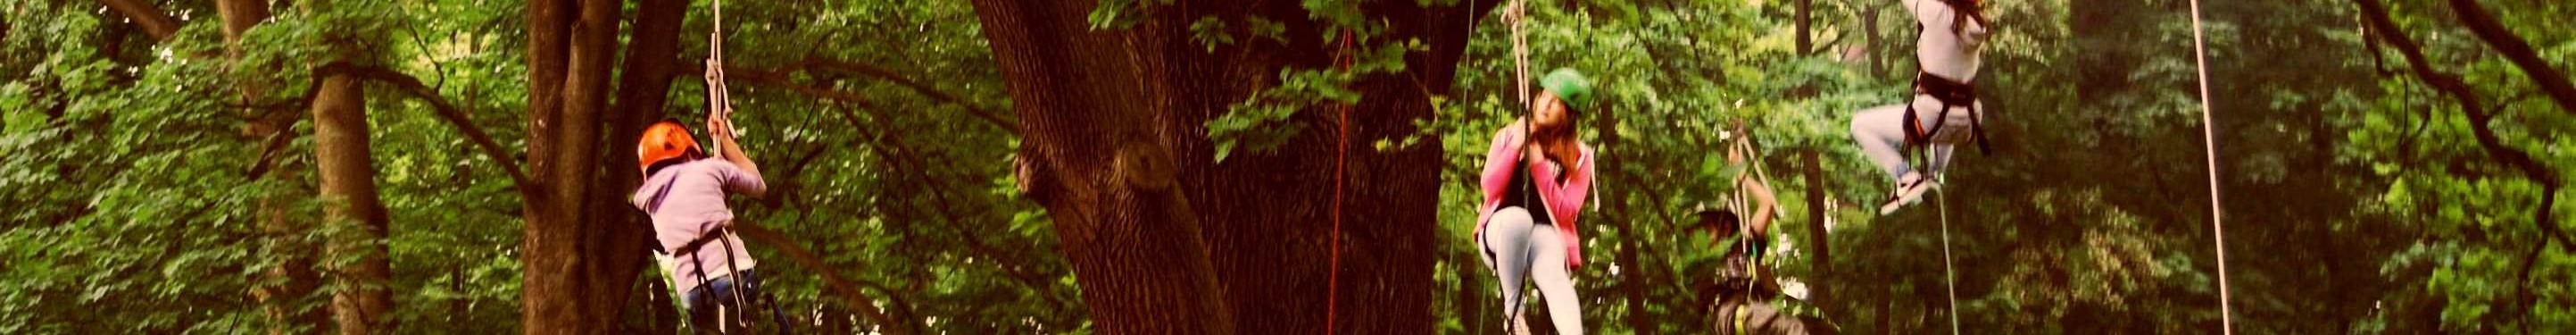 wspinaczka na drzewa dla dzieci1